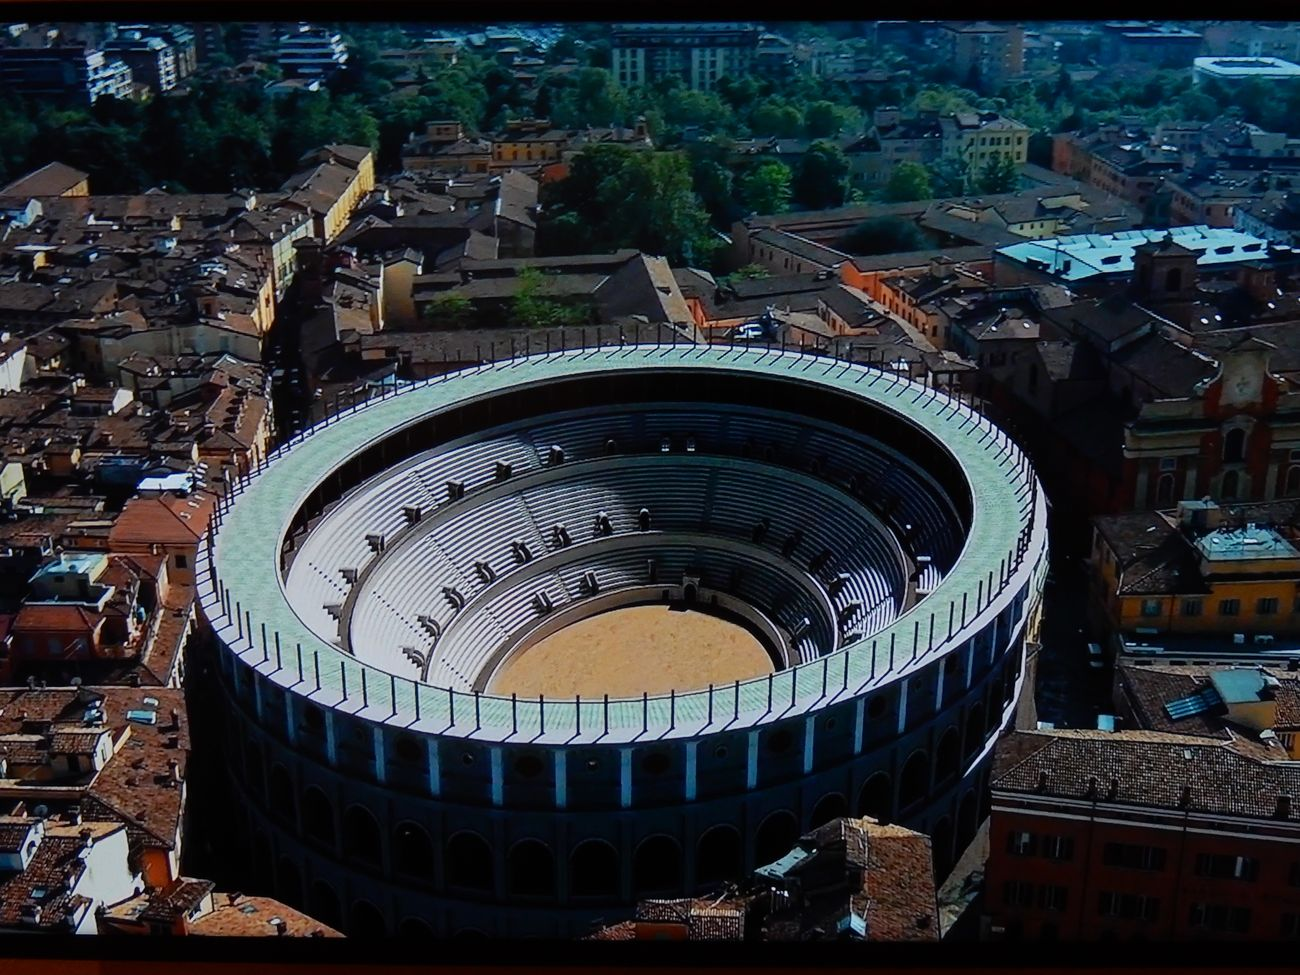 Ricostruzione virtuale di Mutina, l'anfiteatro romano ricostruito nella città contemporanea. A cura di Altair4 Multimedia